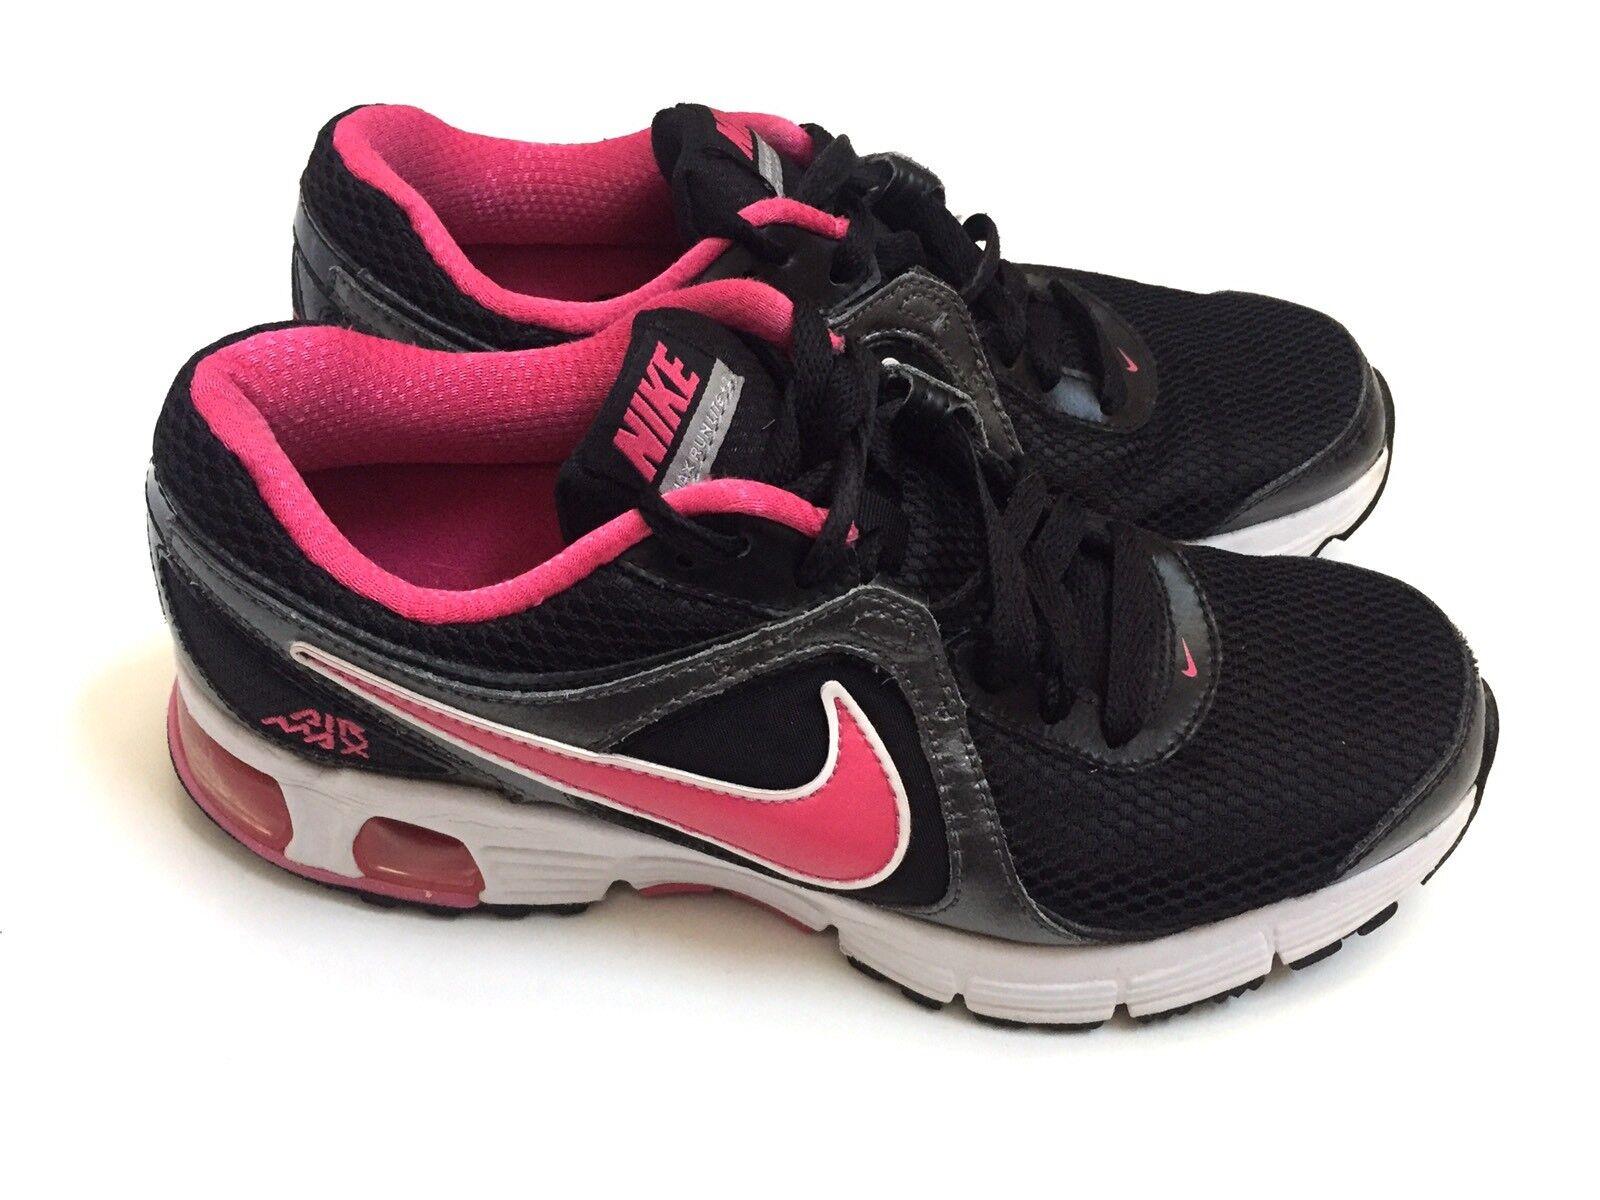 nike   air air air max scappa light   2 429646 - 001 donne scarpe da ginnastica taglia8,5nero / rosa | Eccellente valore  | acquistare  | Gentiluomo/Signora Scarpa  | Uomini/Donne Scarpa  44c88f